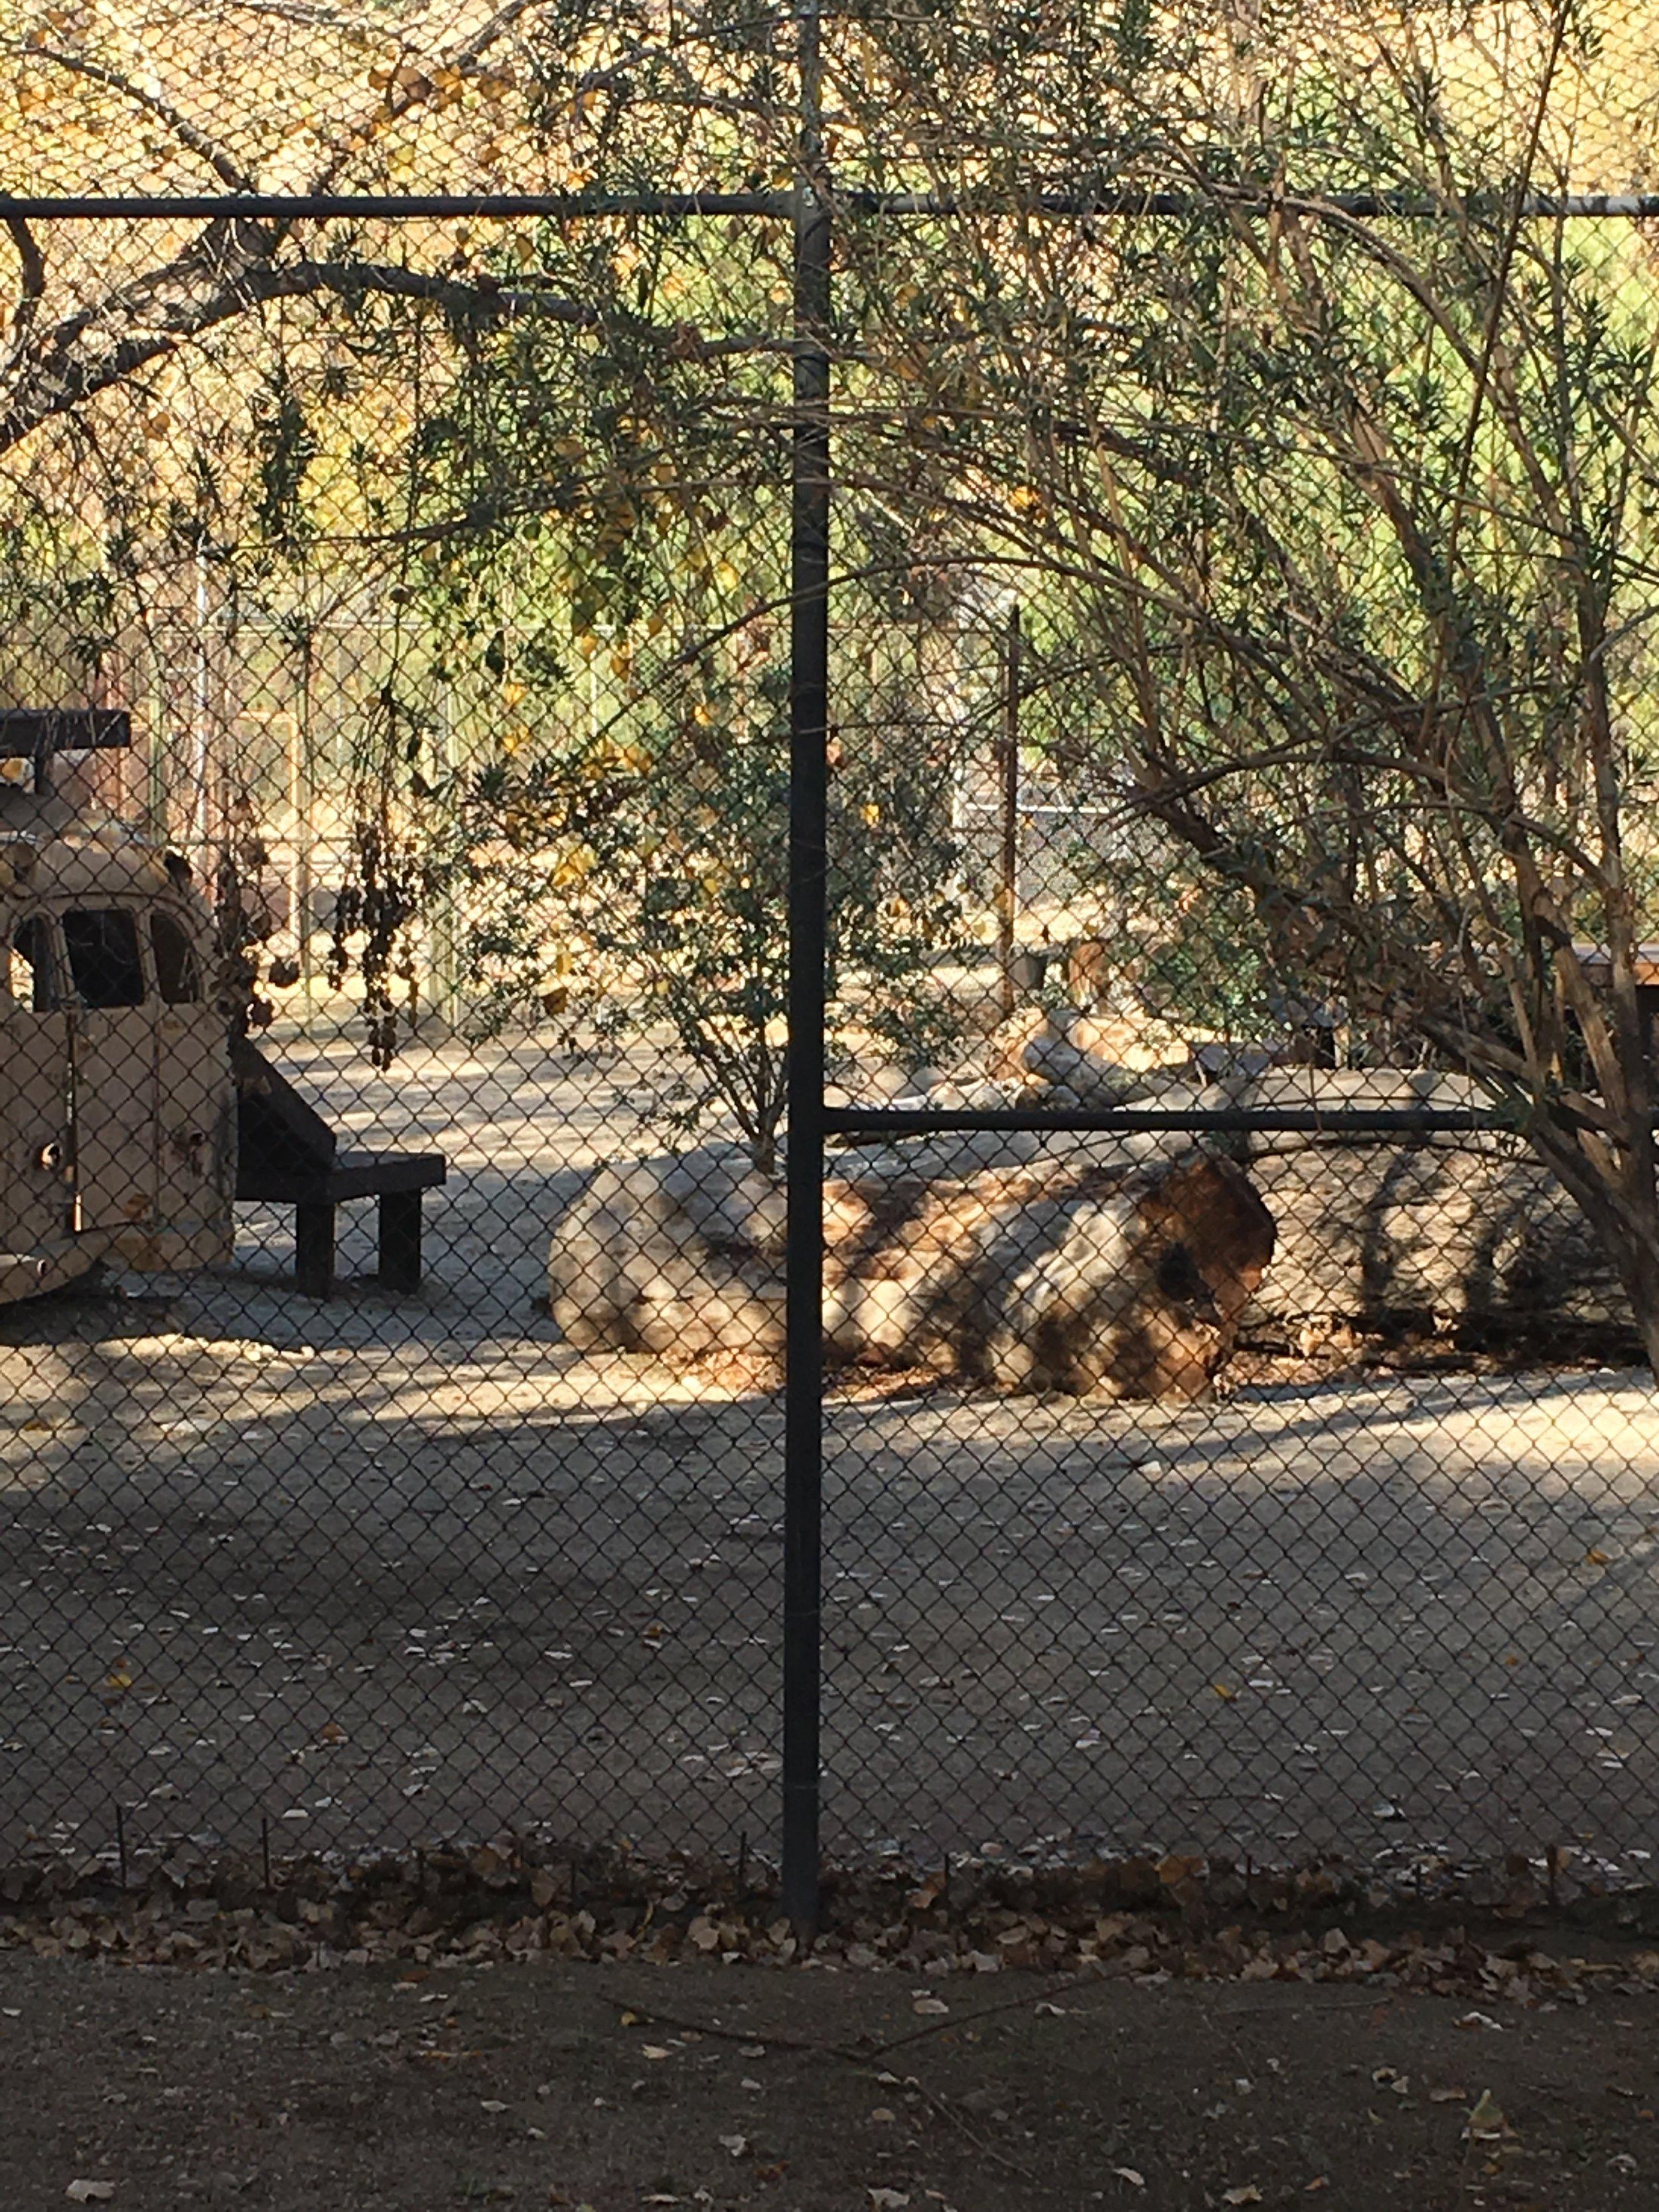 Shambala animal sanctuary